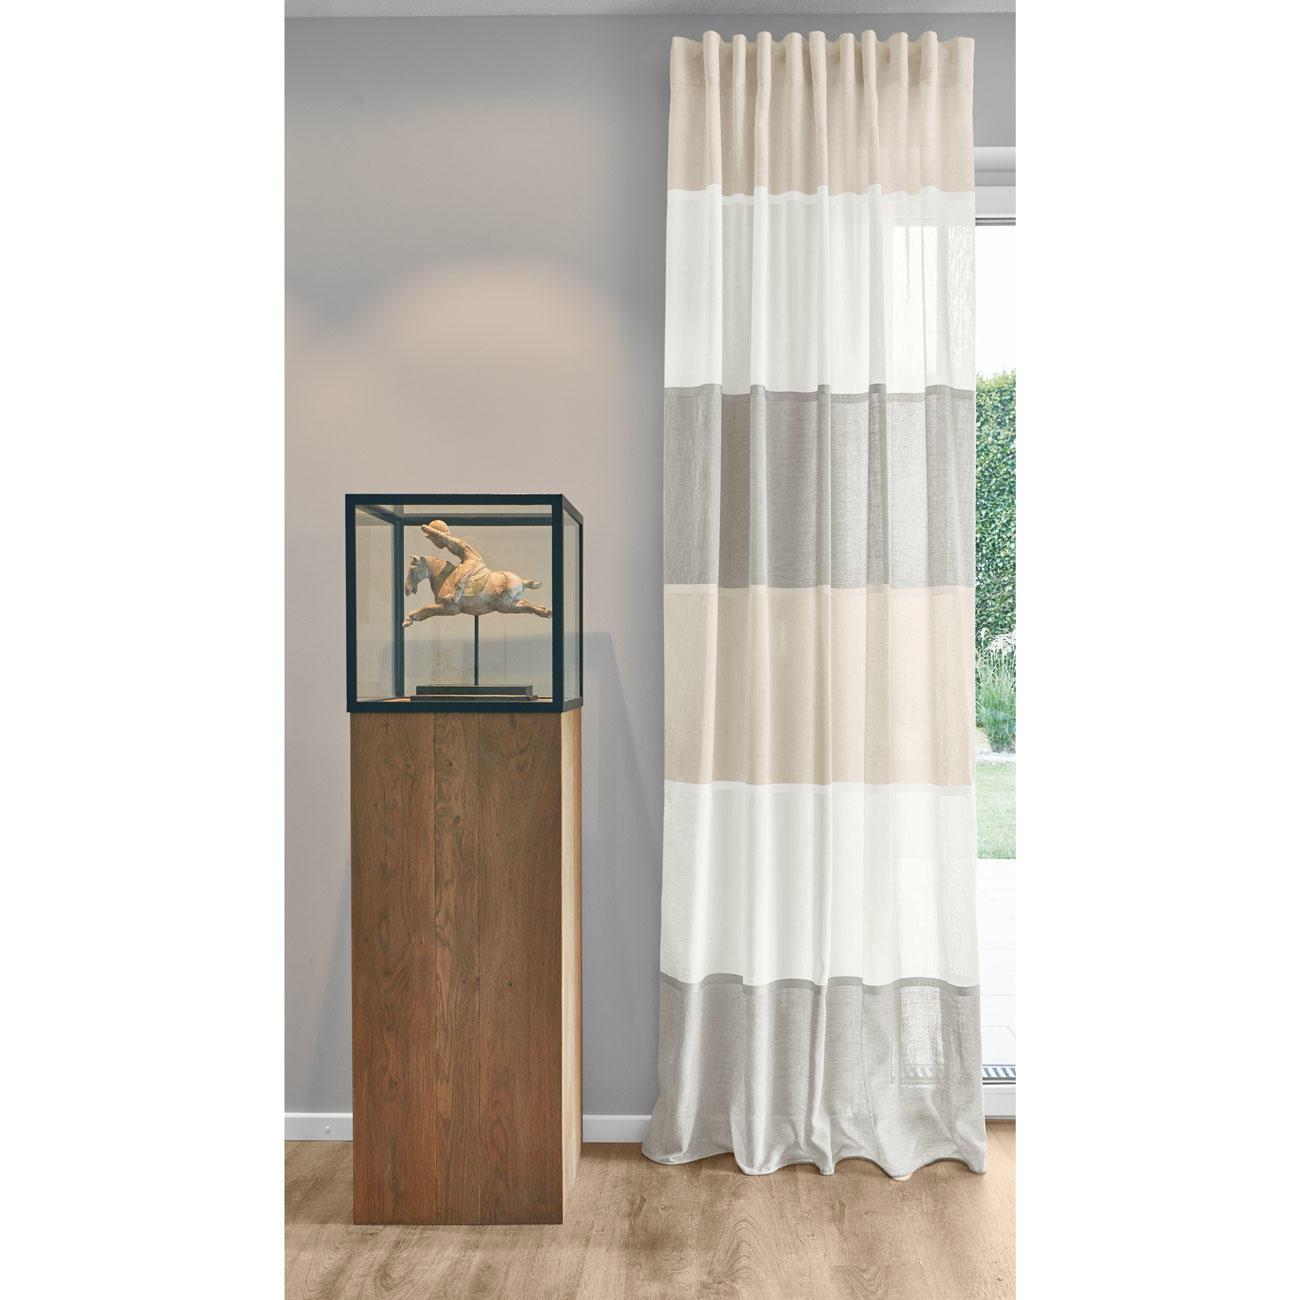 Full Size of Vorhänge Vorhang Jumbo Stripe Xl 1 Stck Vorhnge Online Kaufen Schlafzimmer Wohnzimmer Küche Wohnzimmer Vorhänge